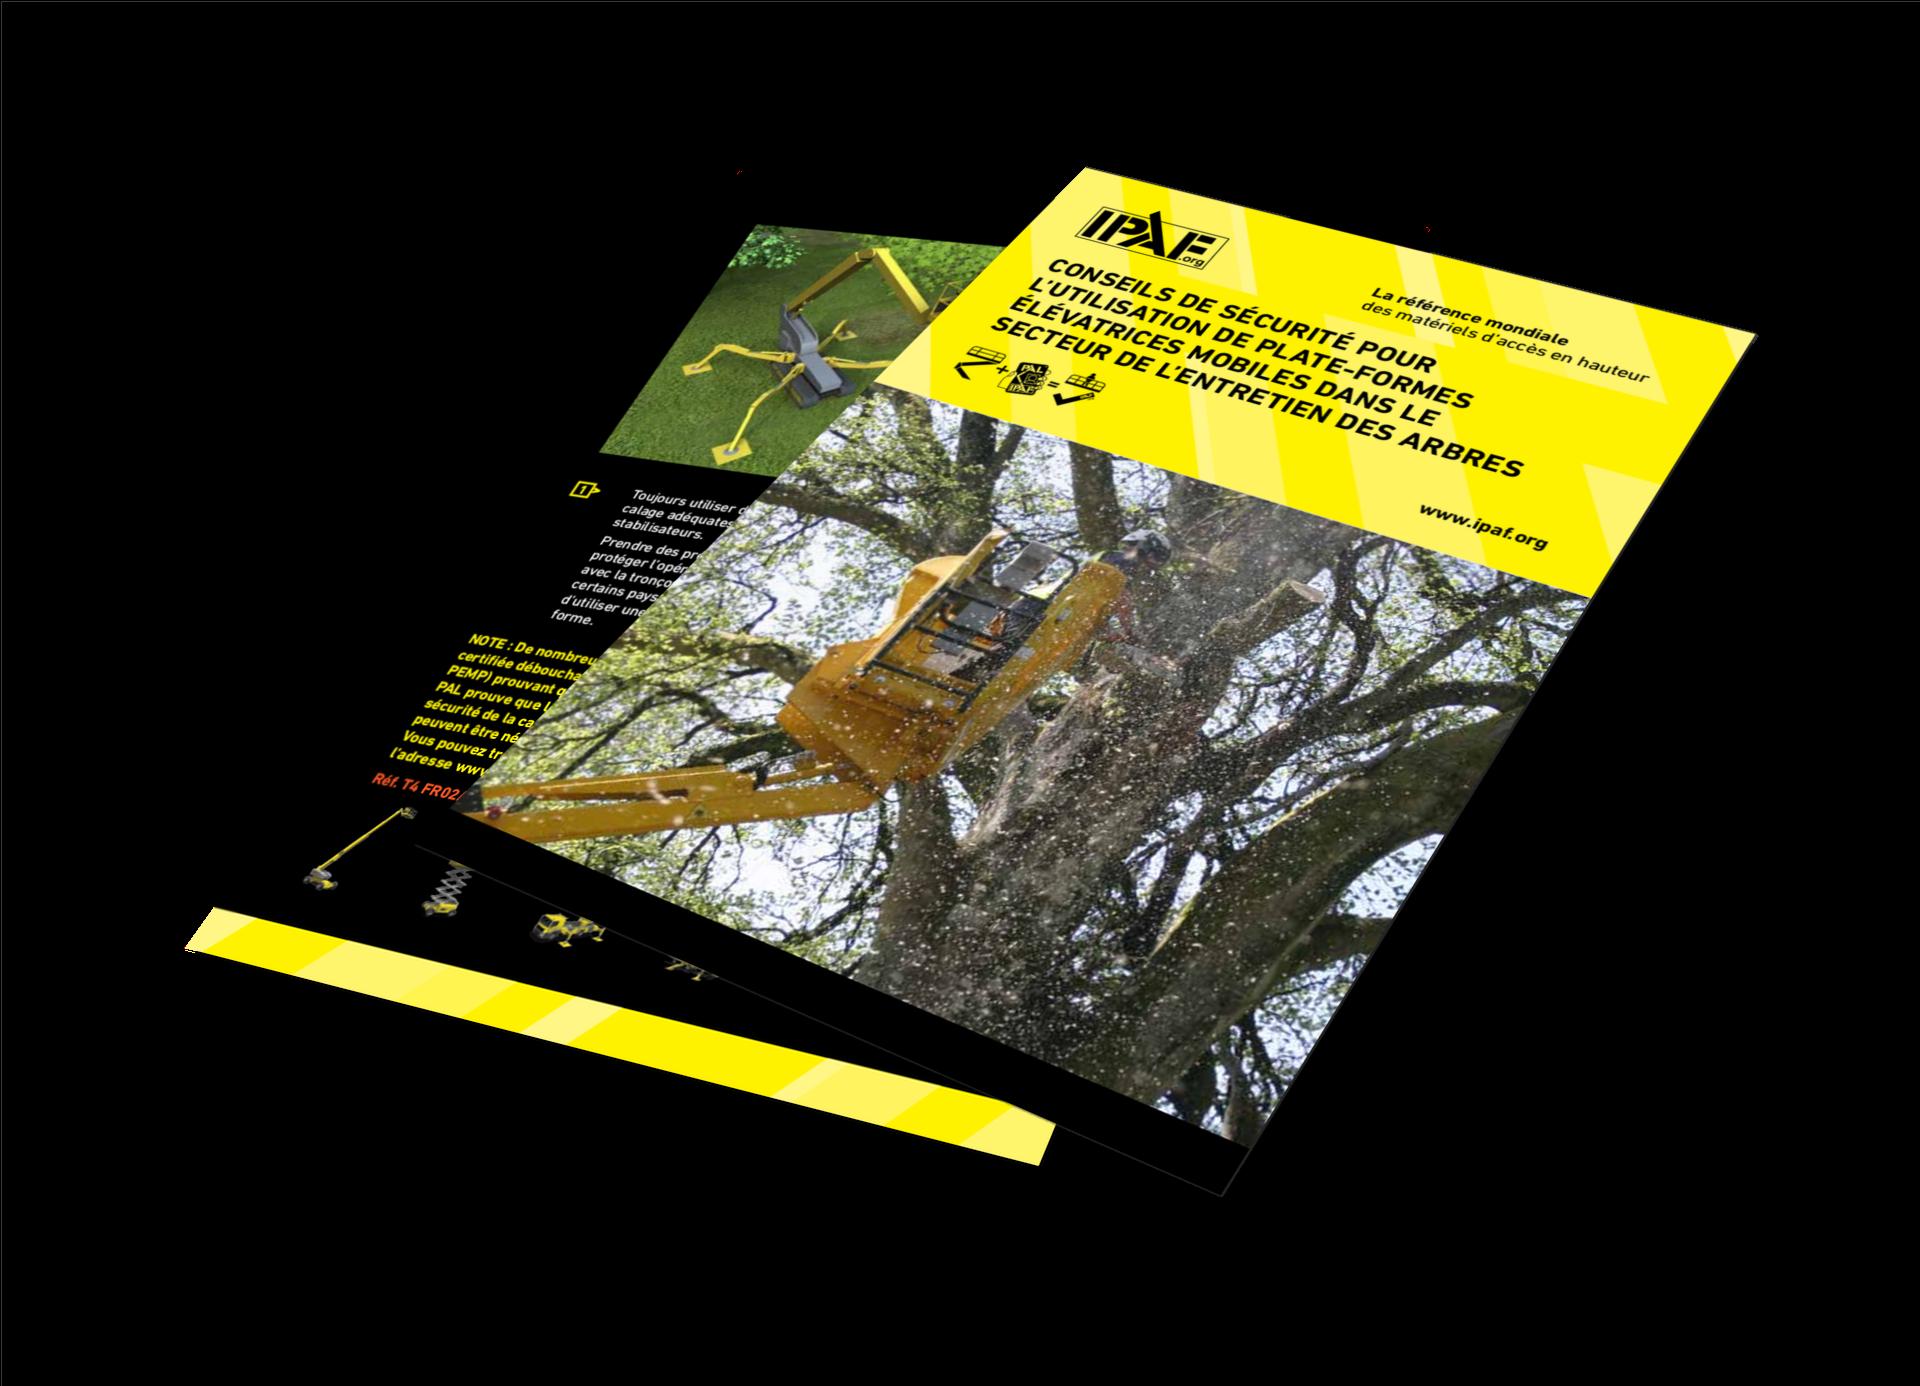 Technische Anleitungen Mobile Hubarbeitsbühnen in der Baumpflege Download Französisch - Mobile Hubarbeitsbühnen in der Baumpflege